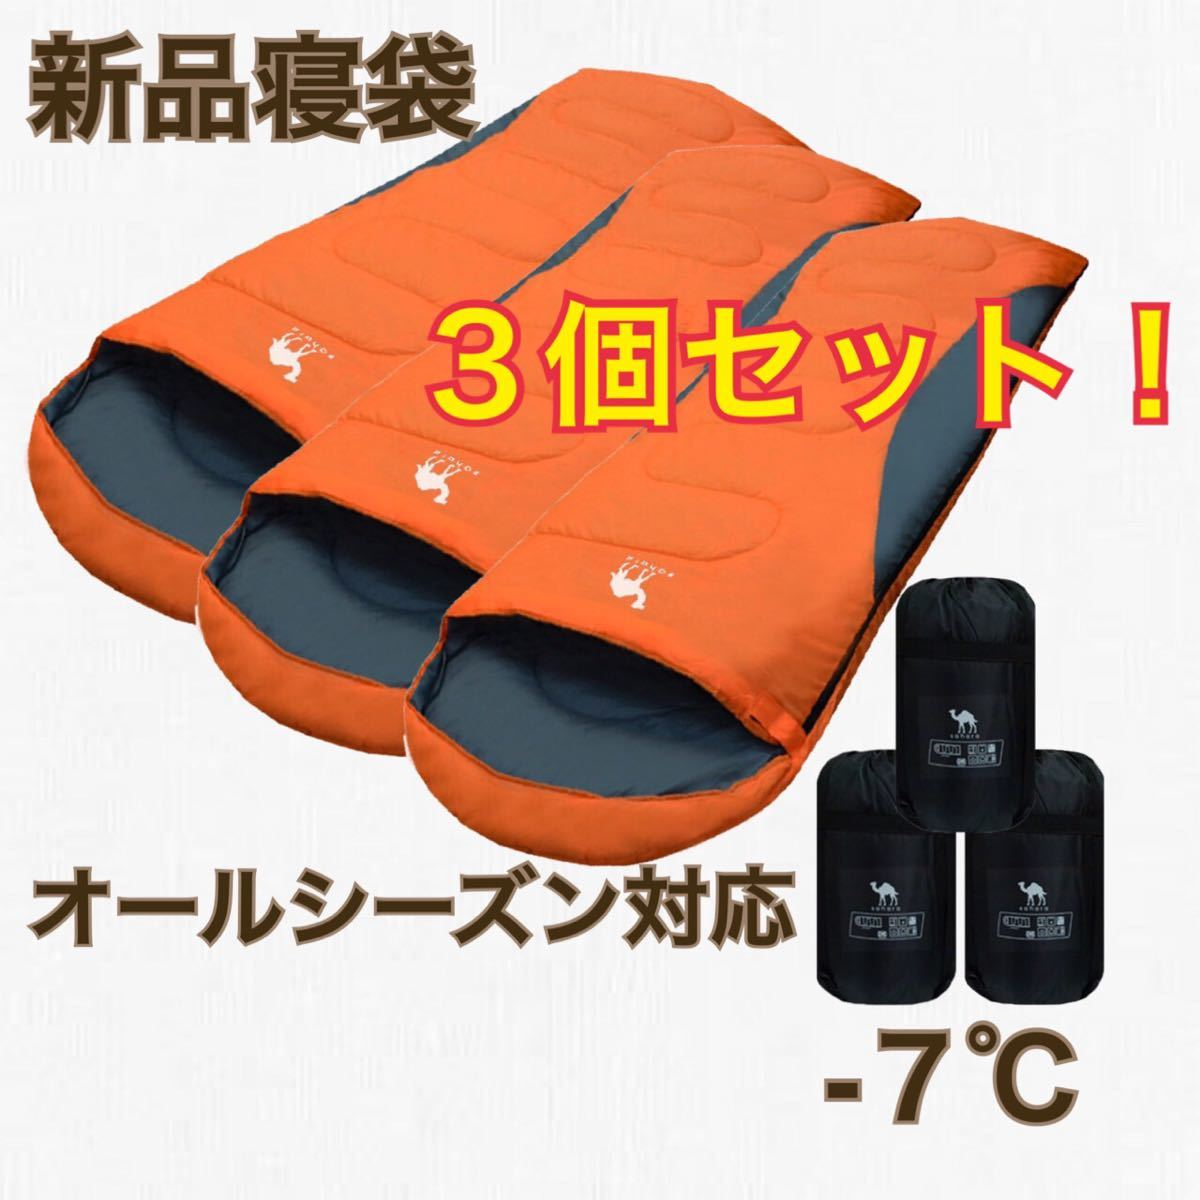 寝袋 オールシーズン シュラ-7℃ 丸洗い 防災 キャンプ 車中泊 アウトドア オレンジ